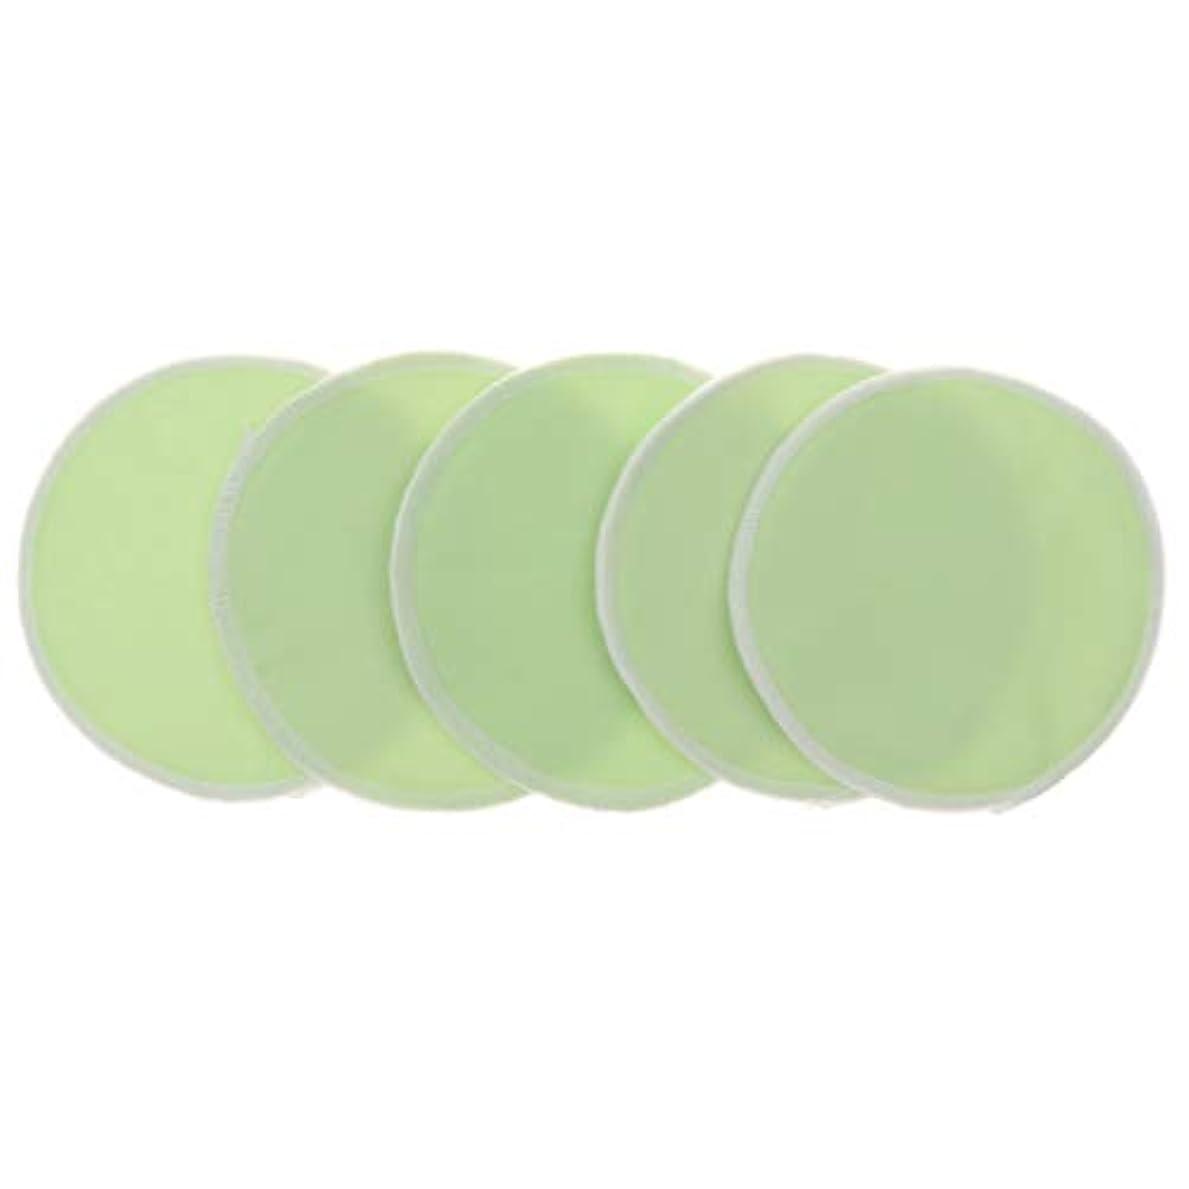 設計図平野操縦する胸パッド クレンジングシート メイクアップ 竹繊維 円形 12cm 洗濯可能 再使用可 5個 全5色 - 緑